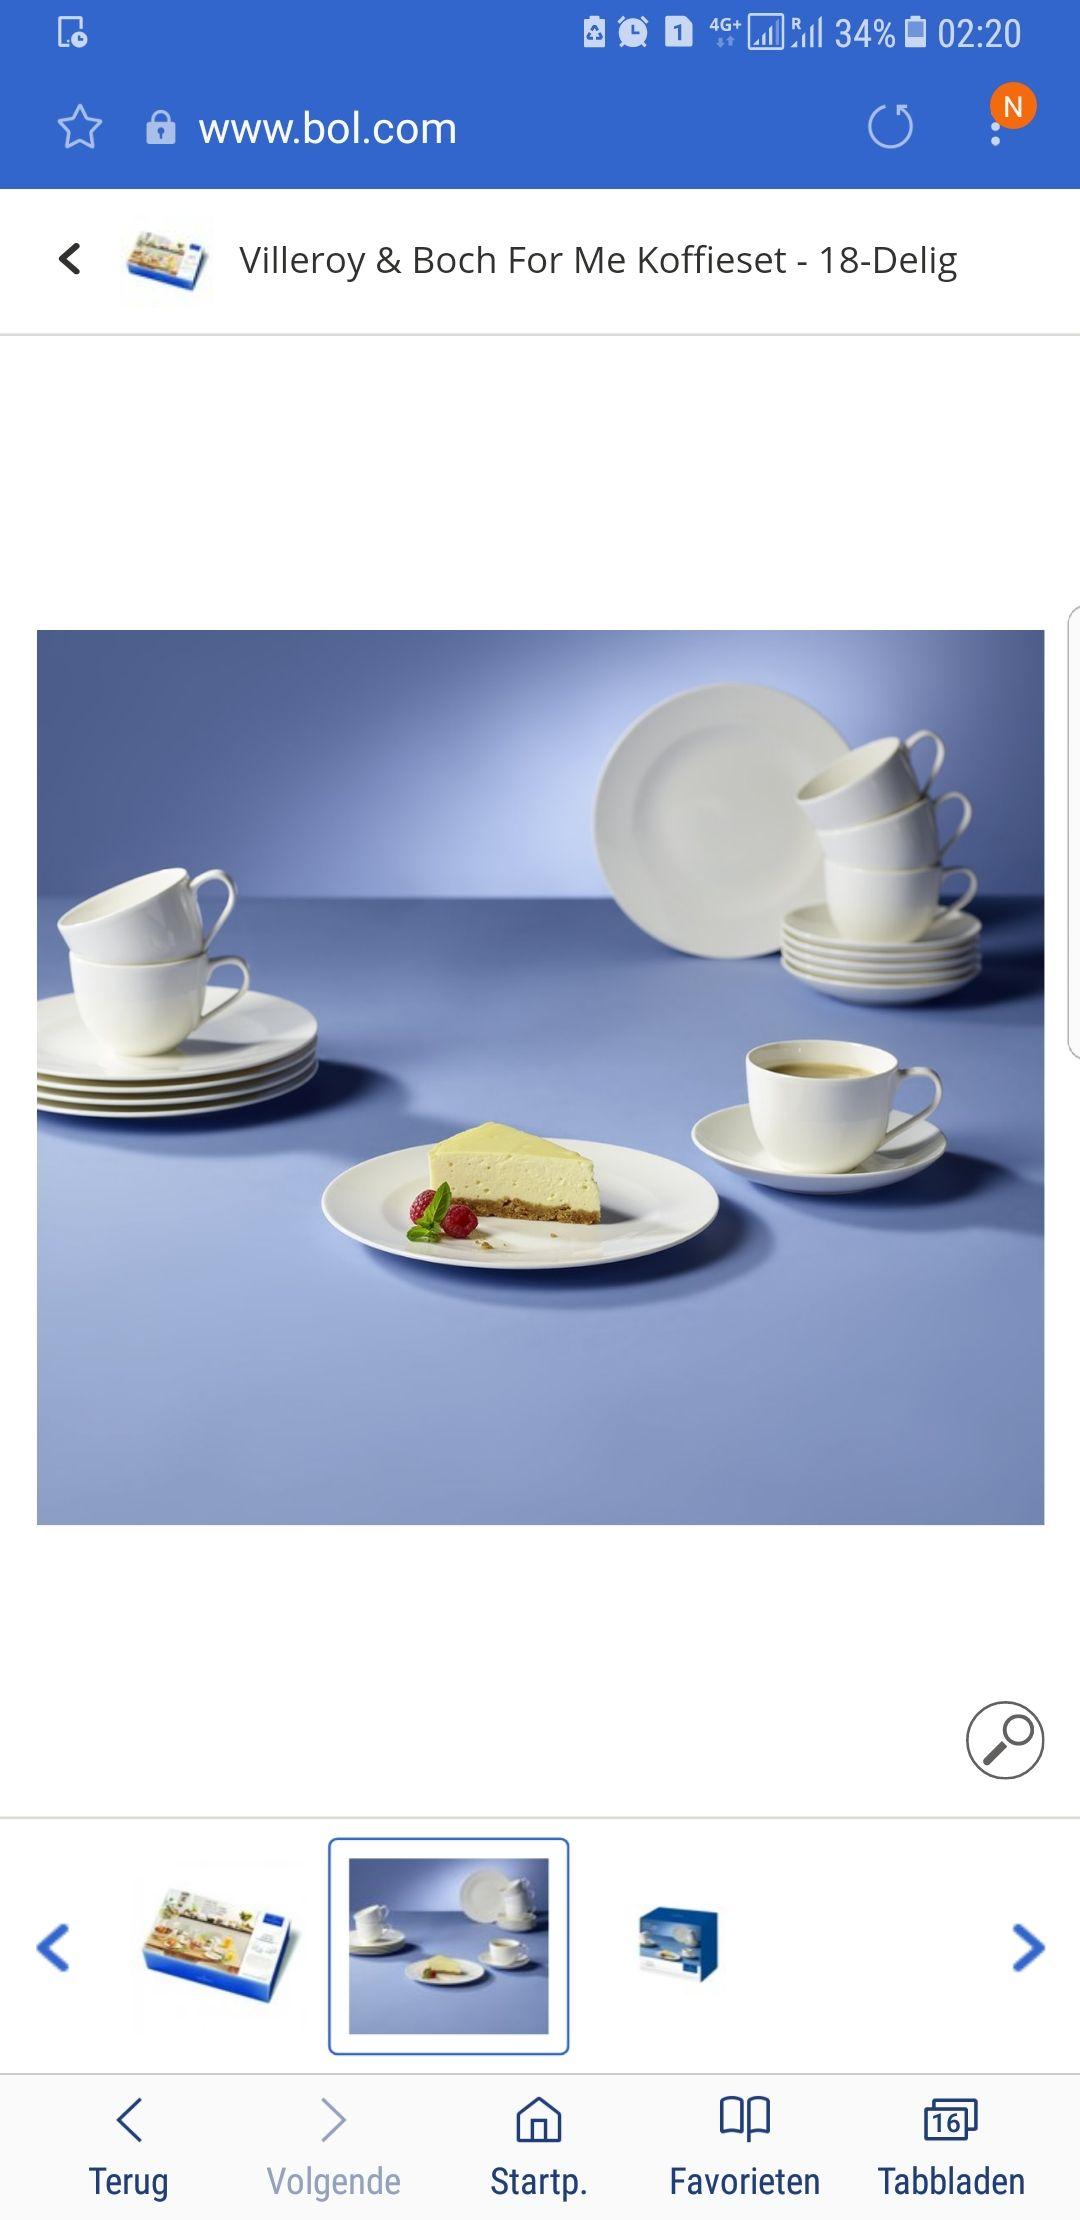 Villeroy & Boch For me Koffieset 18 delig